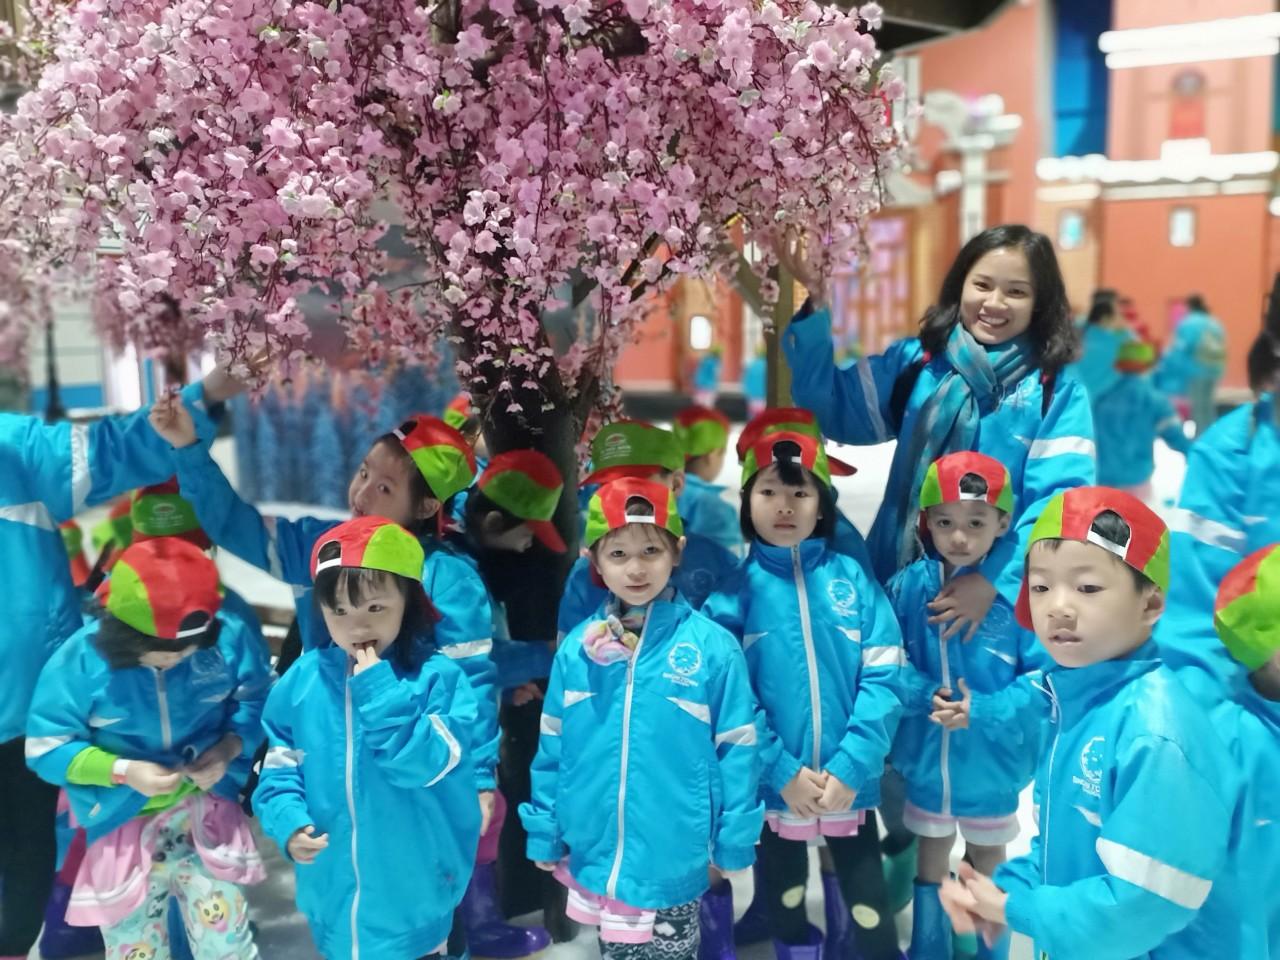 Phần II: Hình ảnh lớp Lá 3 tại Khu Vui Chơi Giải Trí Snow Town Sài Gòn!